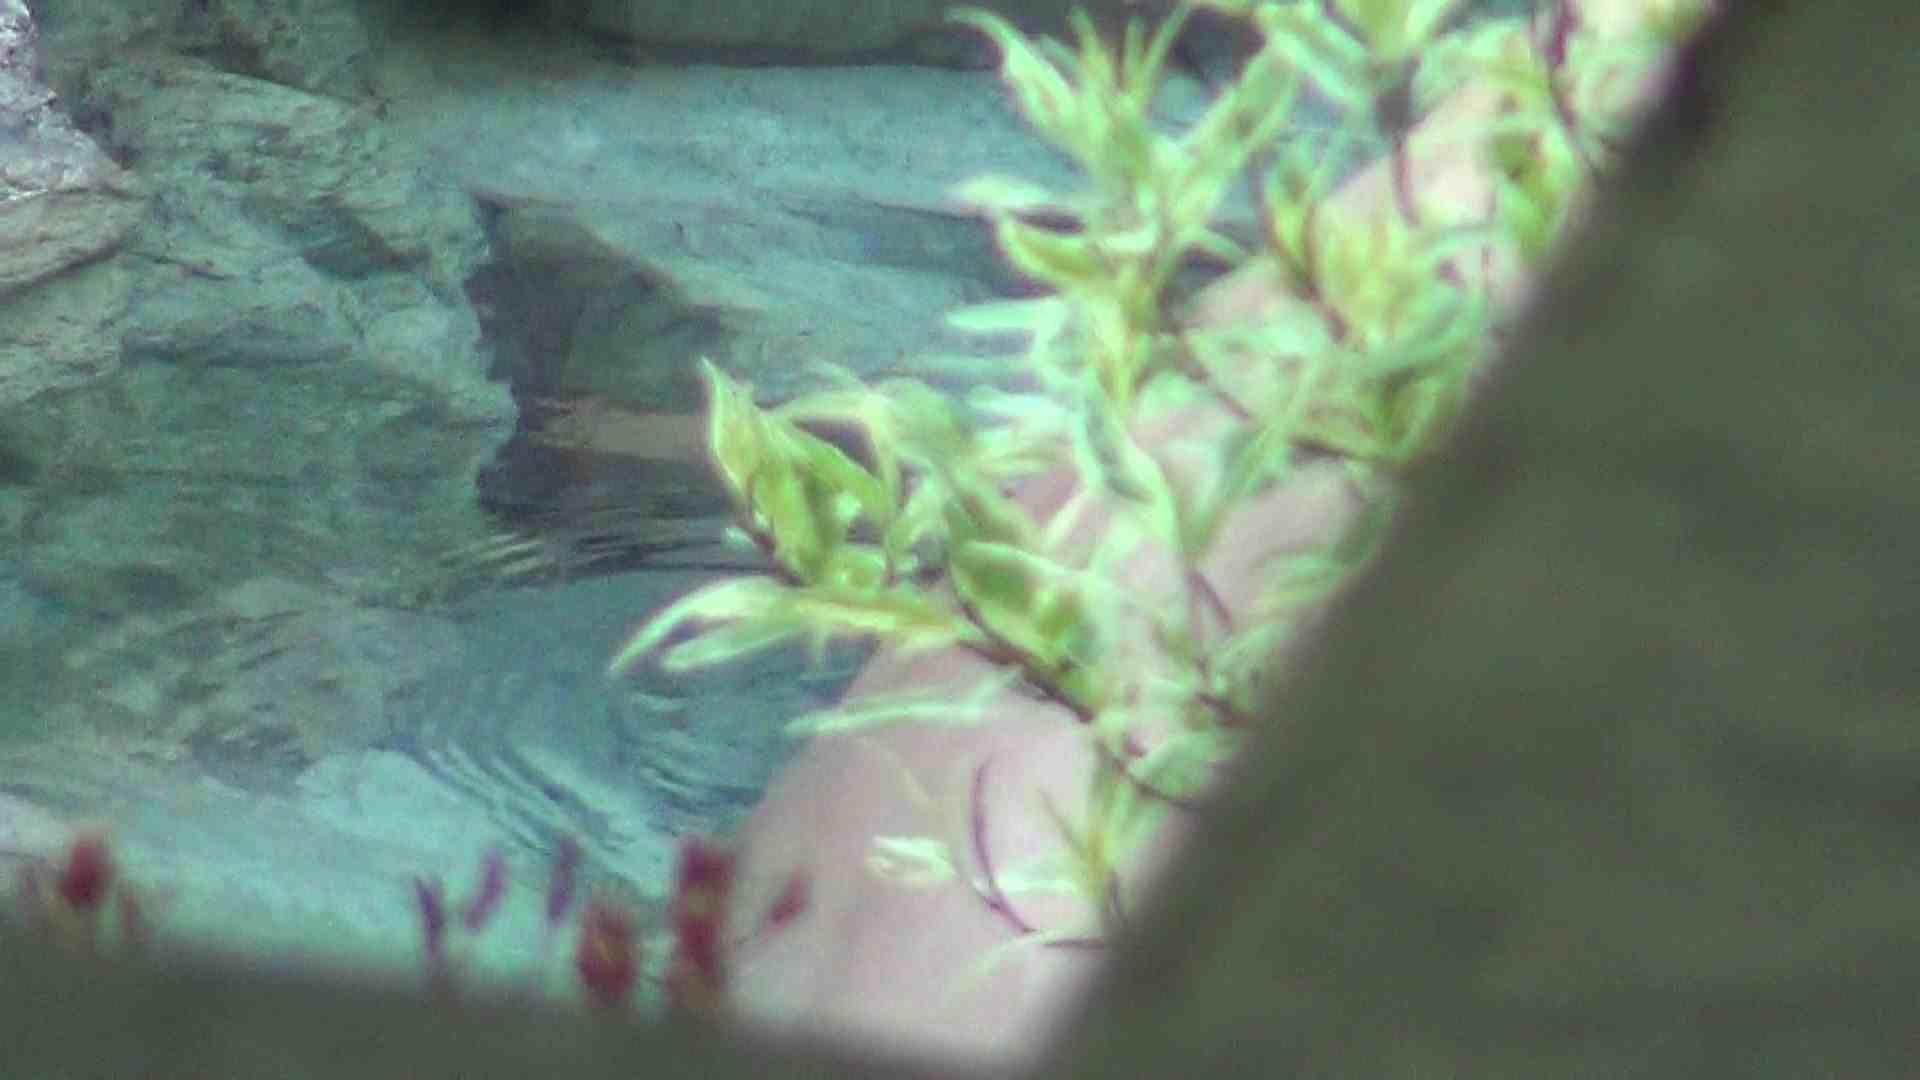 ハイビジョンVol.6 白い素肌にピンクのほっぺ 細身体型 おまんこ無修正動画無料 81枚 45